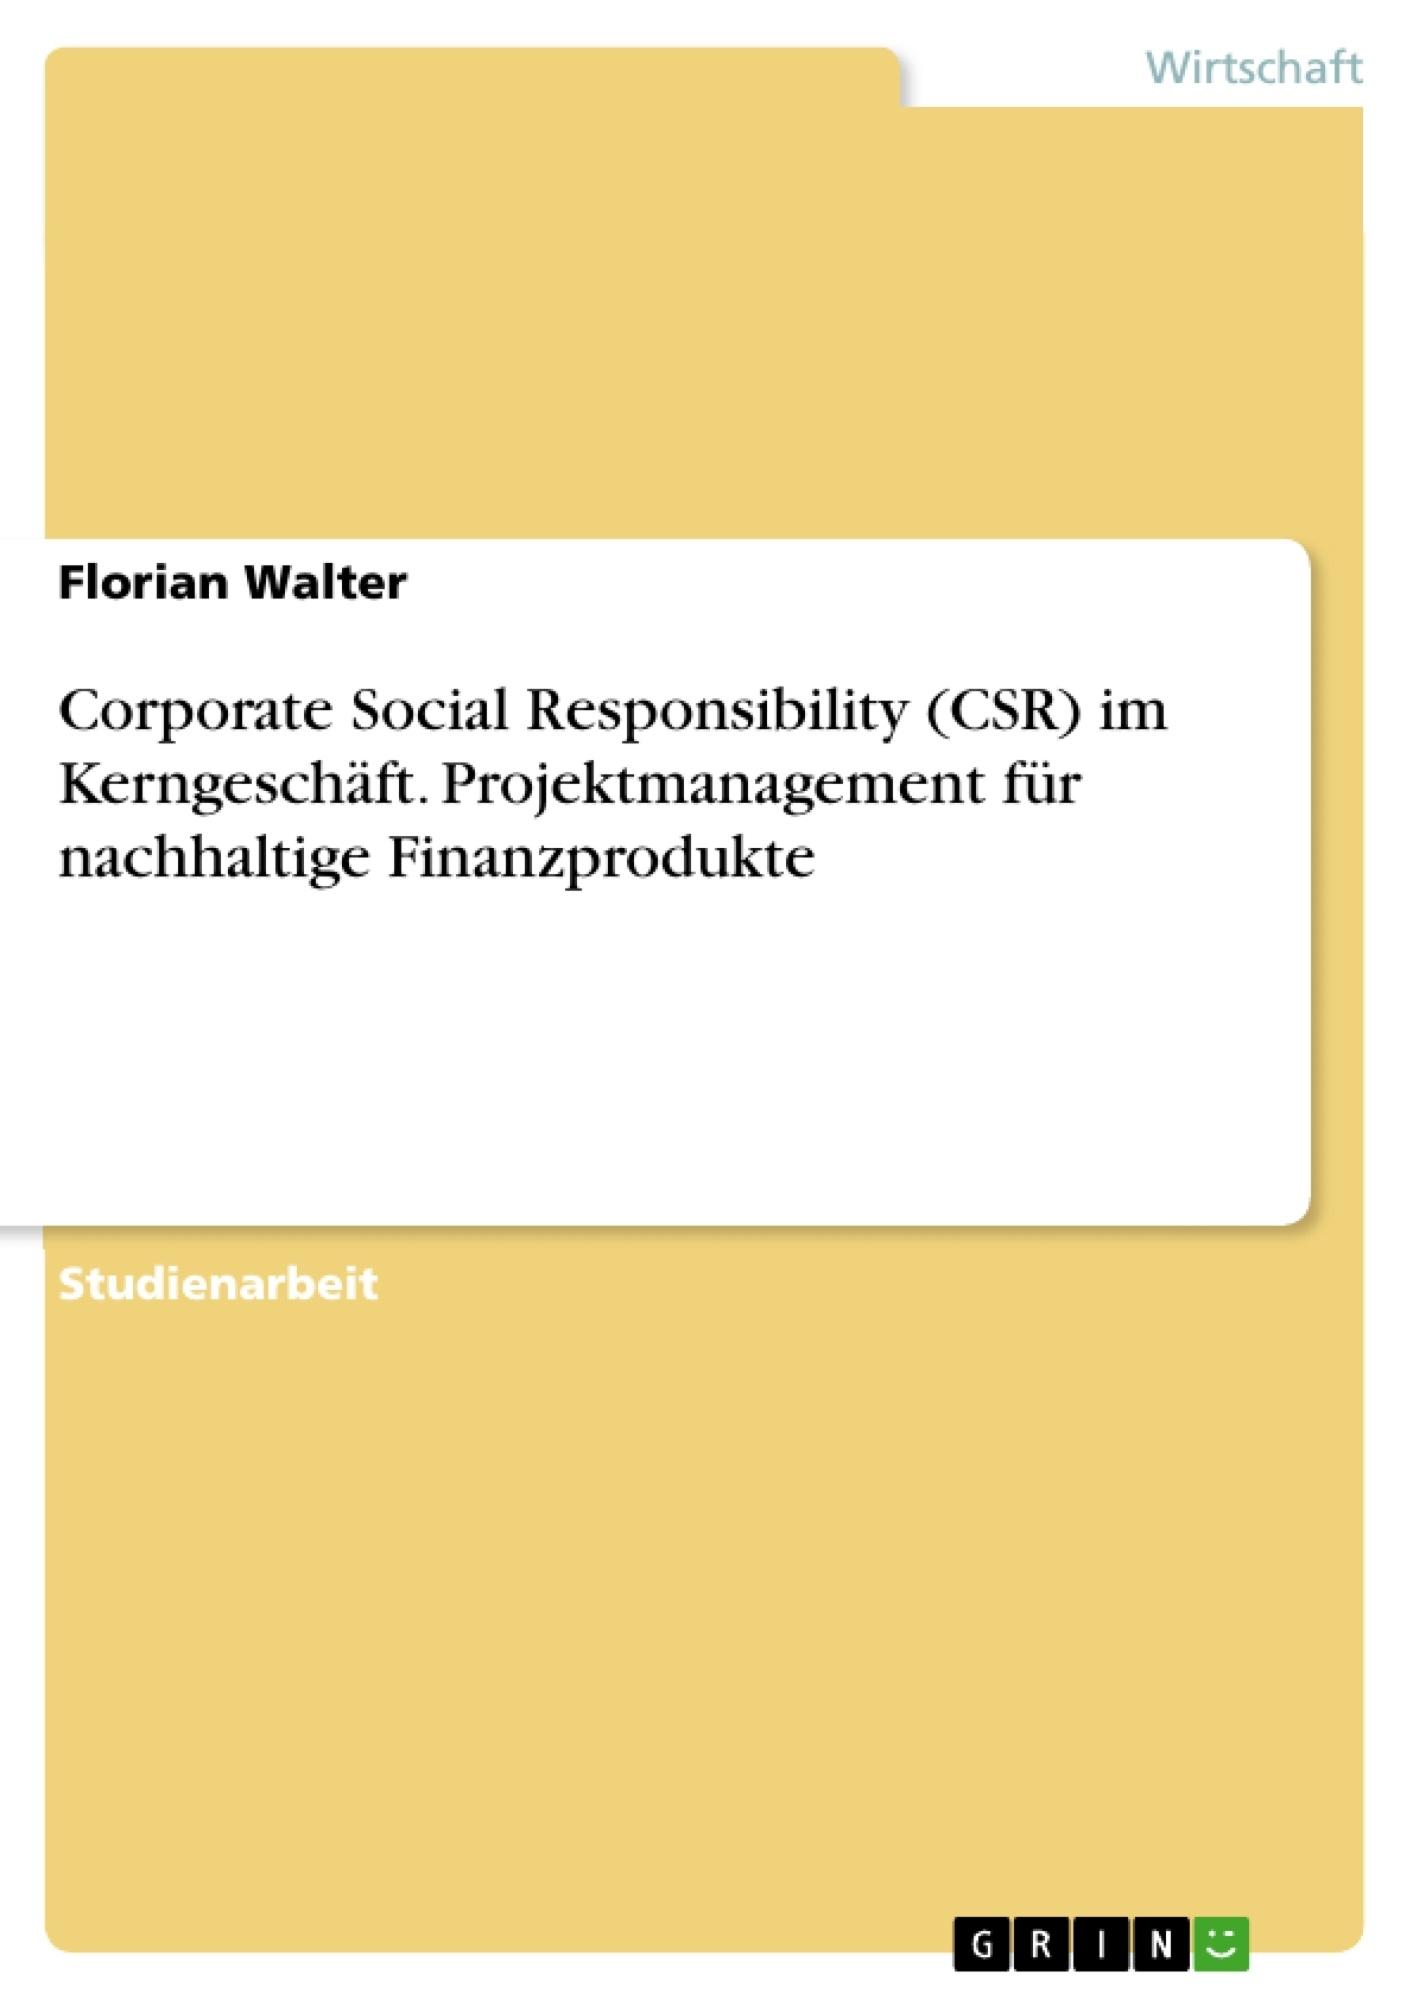 Titel: Corporate Social Responsibility (CSR) im Kerngeschäft. Projektmanagement für nachhaltige Finanzprodukte